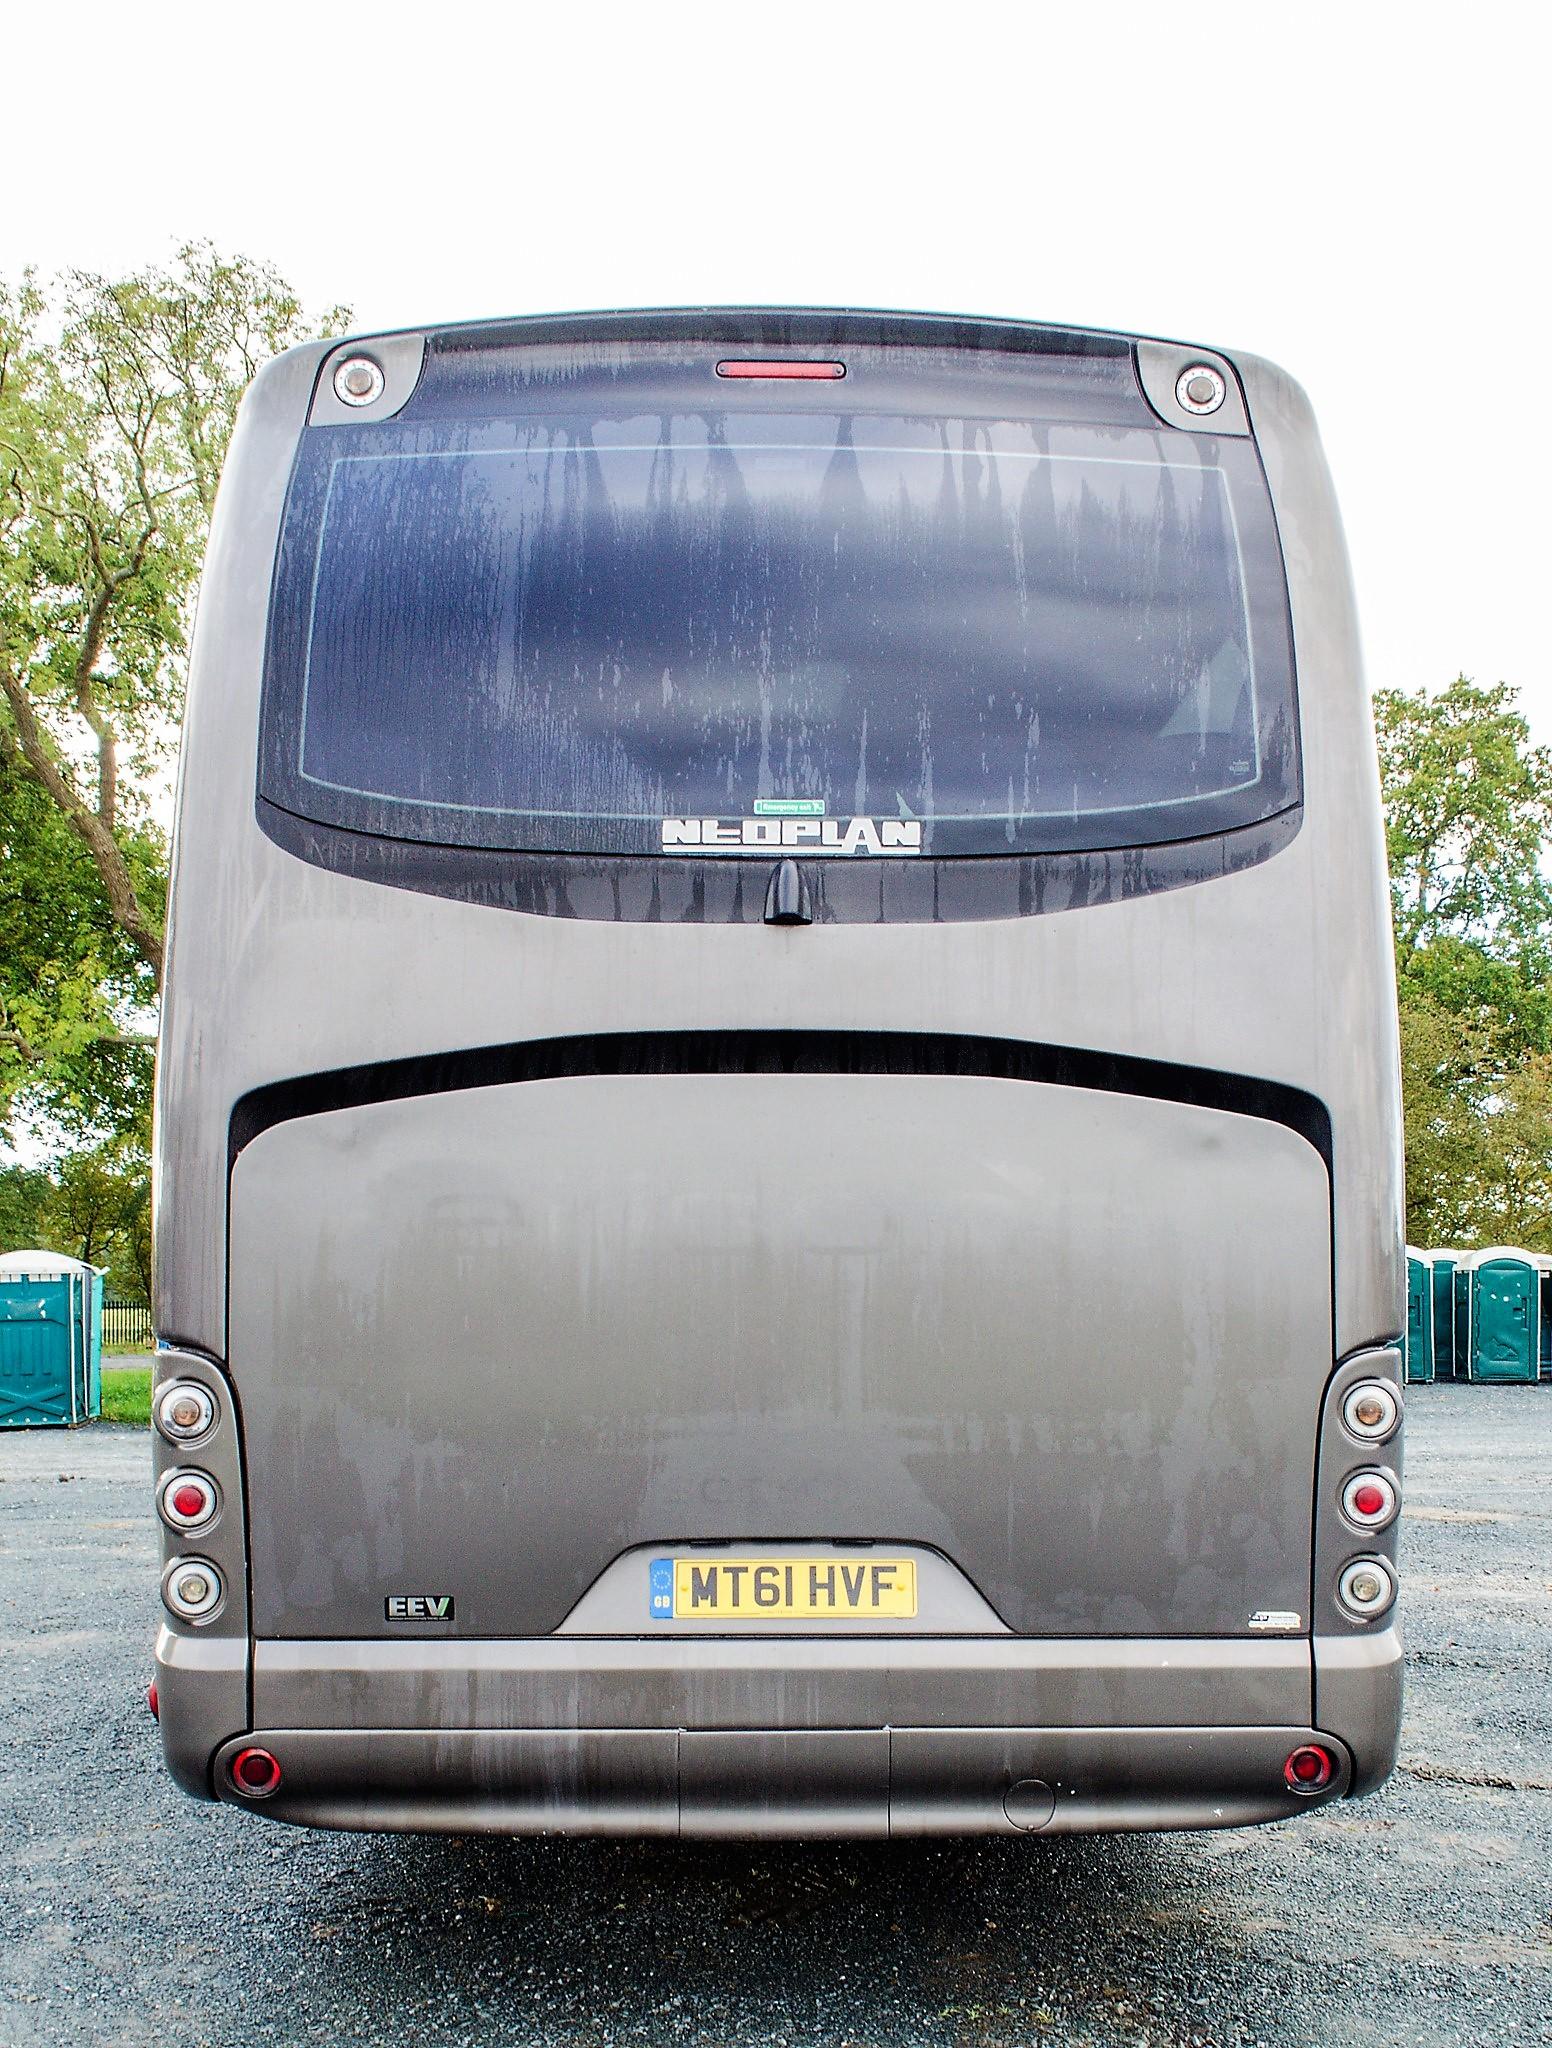 MAN Neoplan Tourliner 53 seat luxury coach Registration Number: MT61 HVF Date of Registration: 01/ - Image 6 of 21